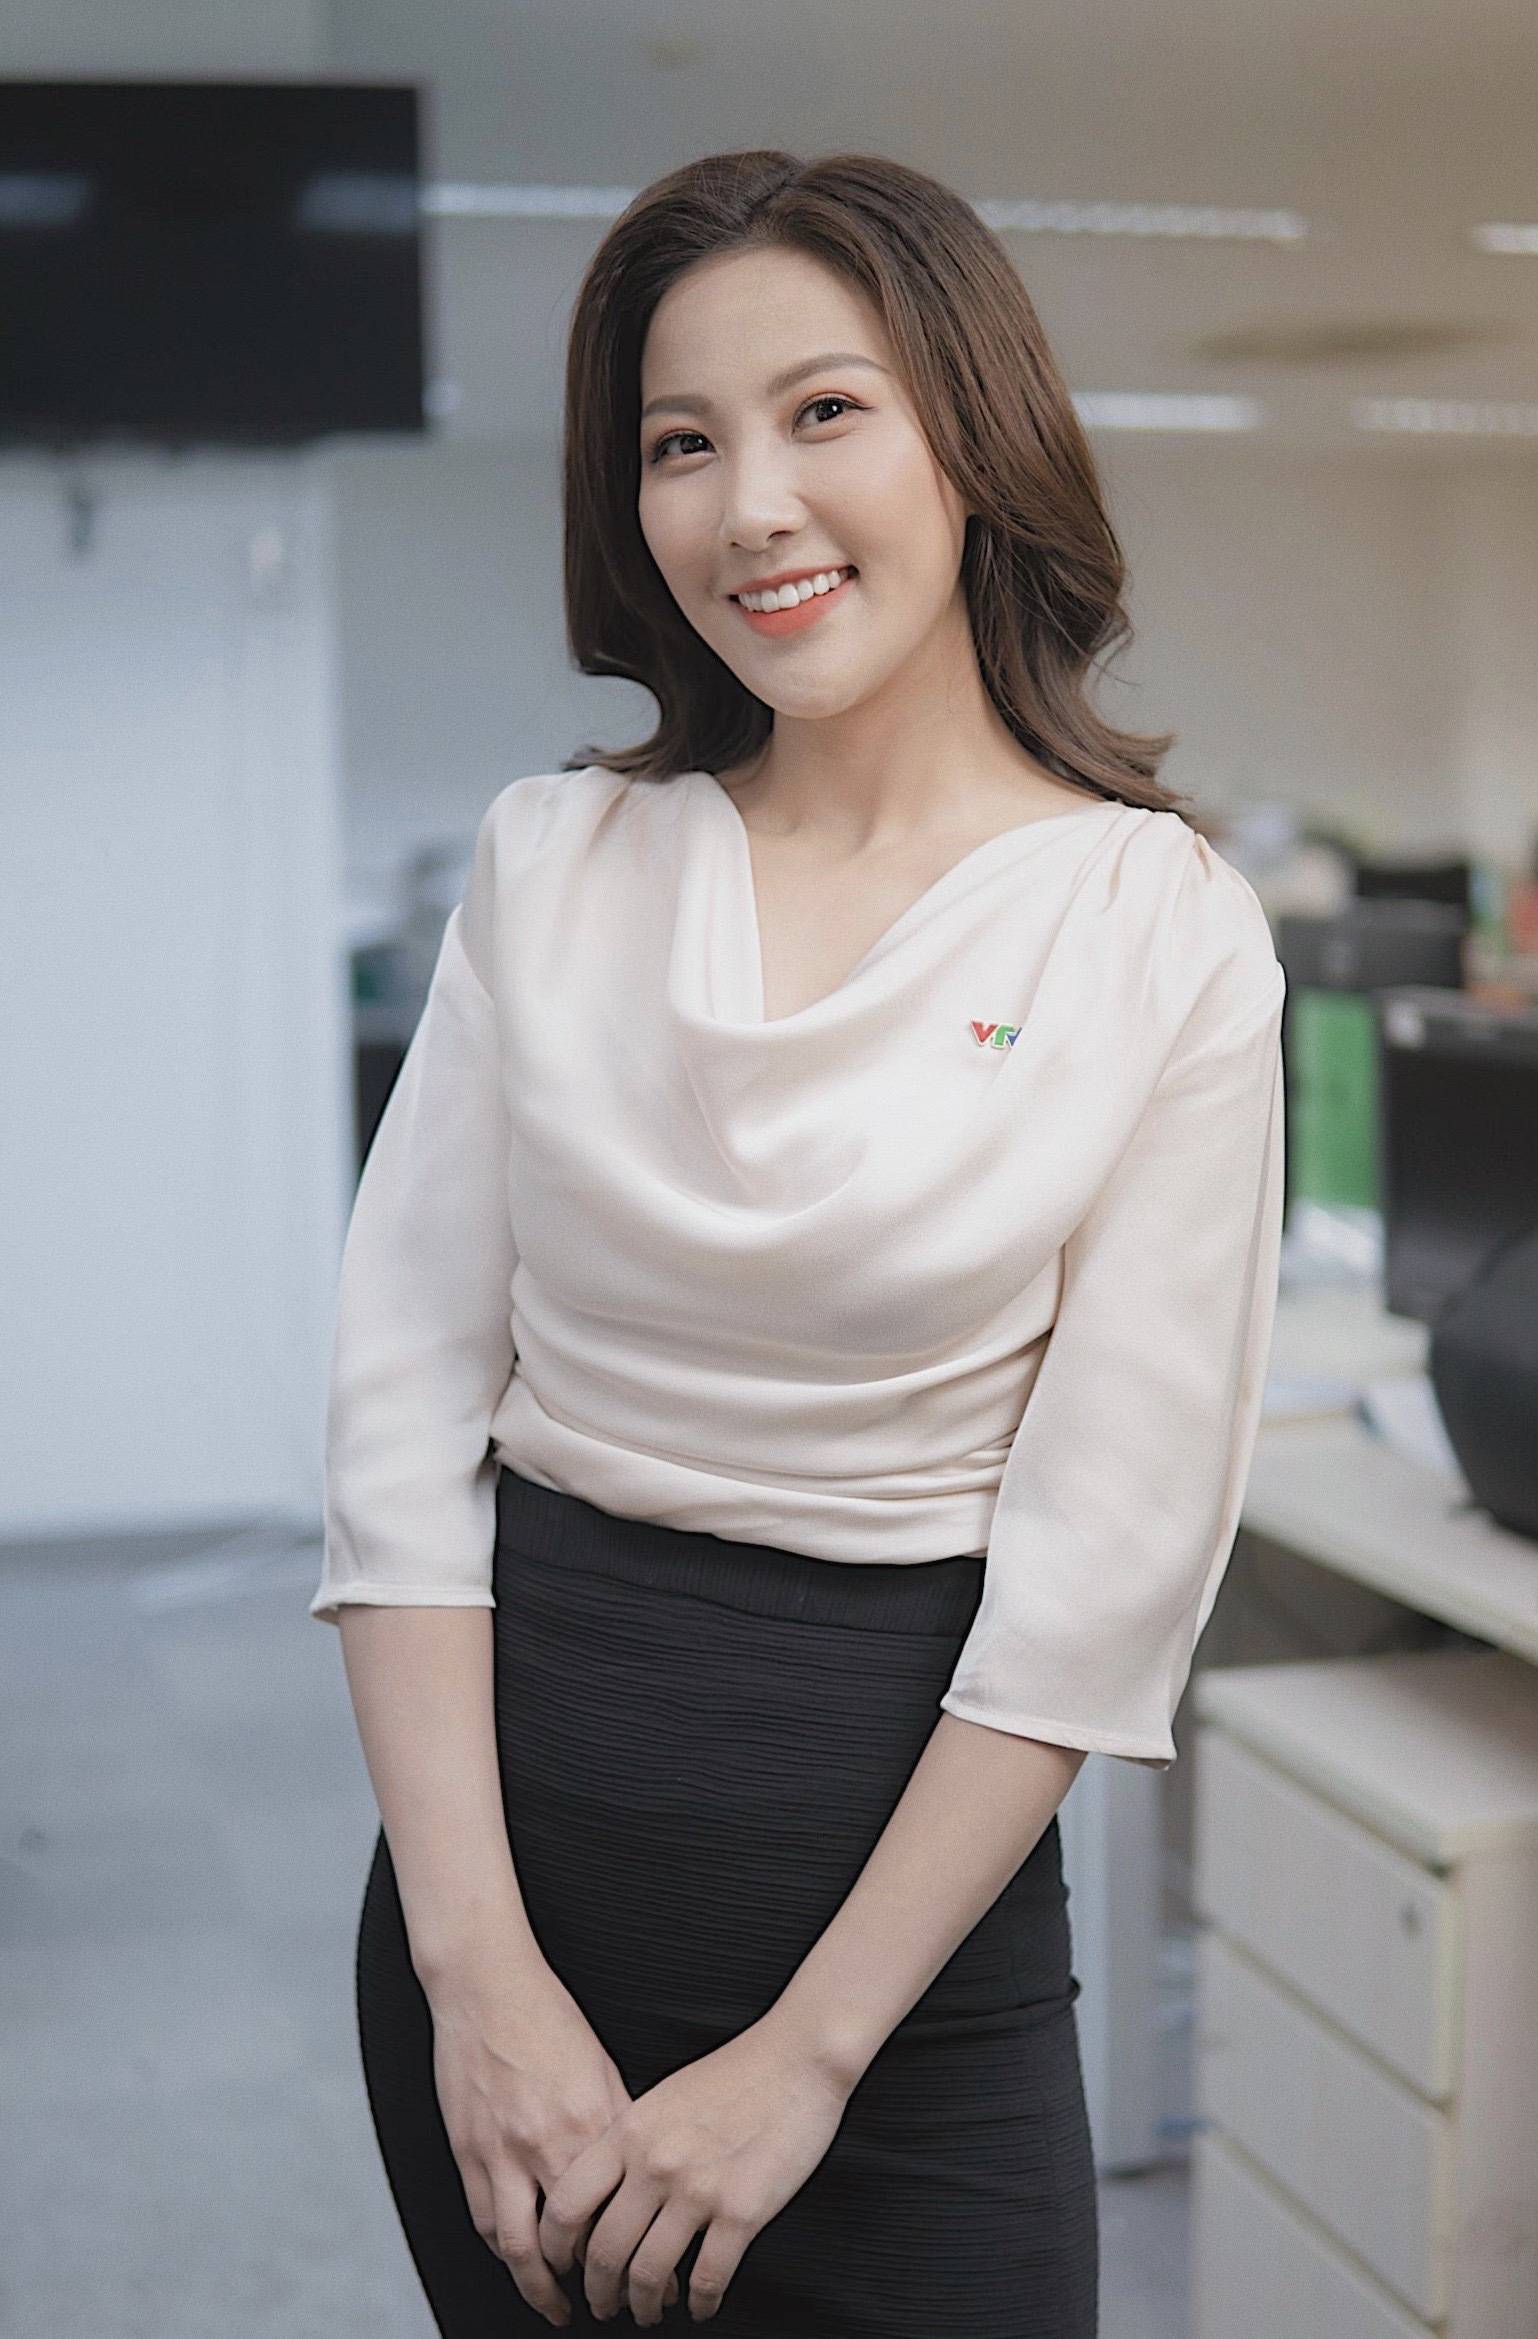 Vẻ quyến rũ của BTV Quỳnh Hoa - mỹ nhân mới dẫn thời sự VTV hiếm hoi mặc bikini nóng bỏng - Ảnh 9.